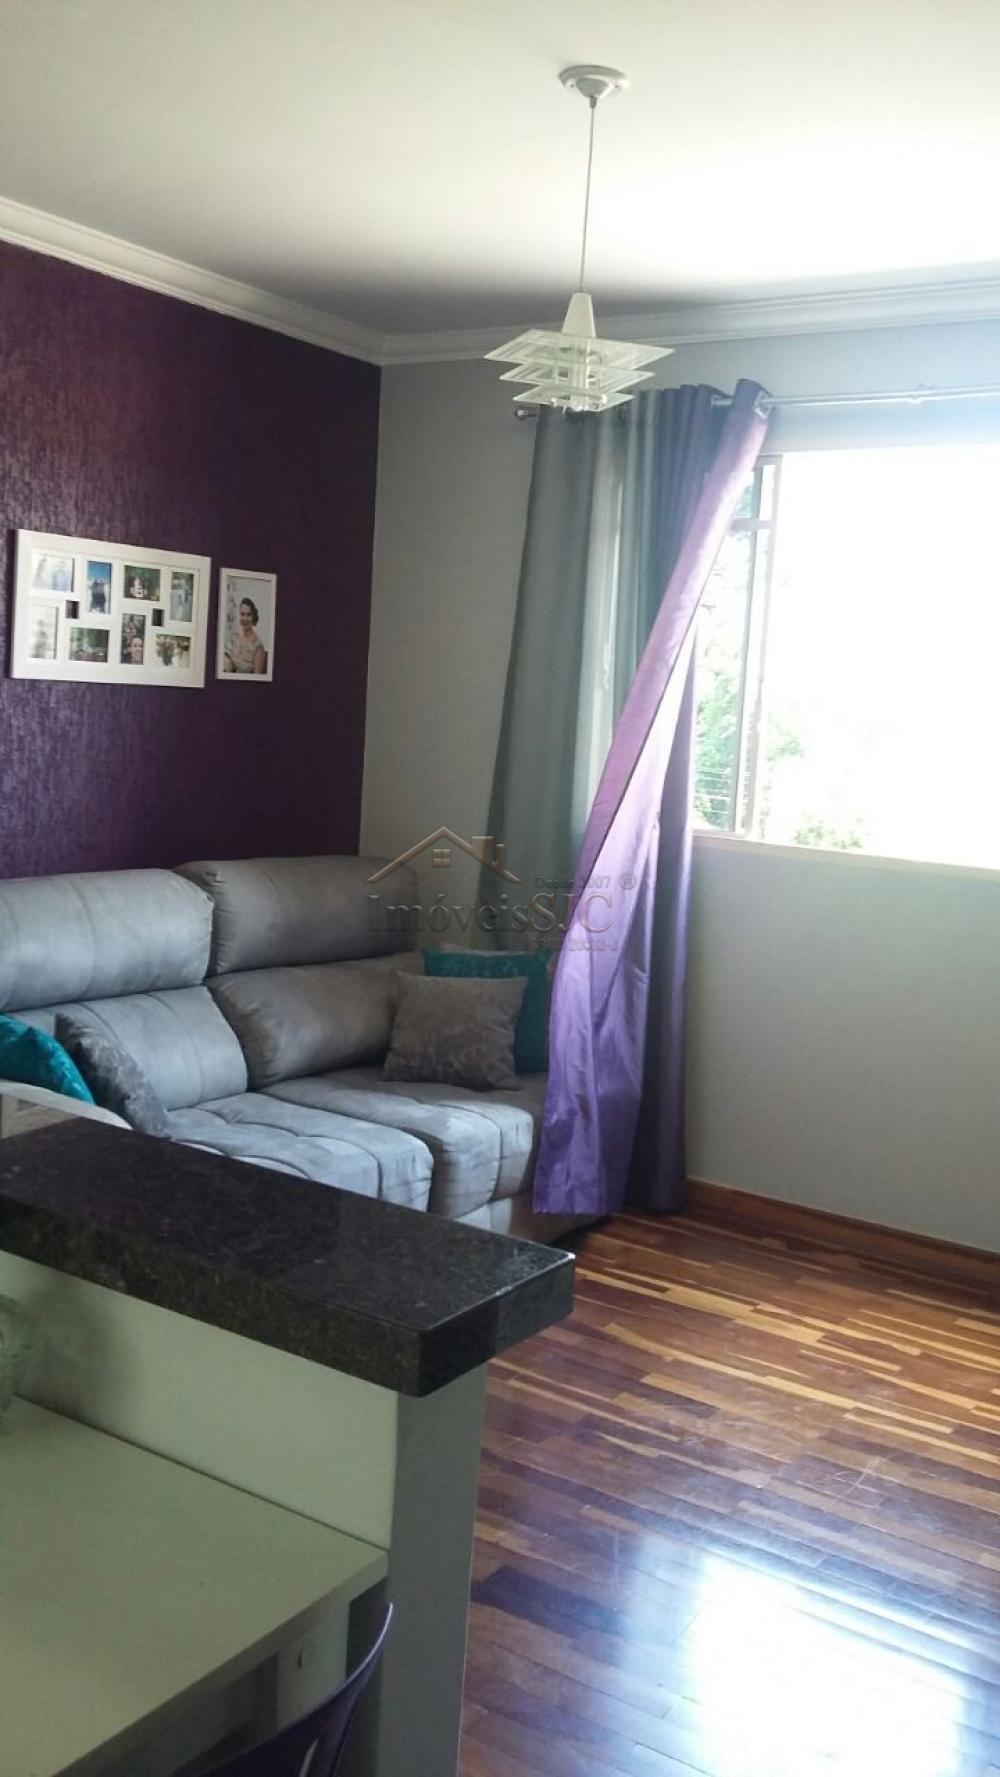 Comprar Apartamentos / Padrão em São José dos Campos apenas R$ 245.000,00 - Foto 1